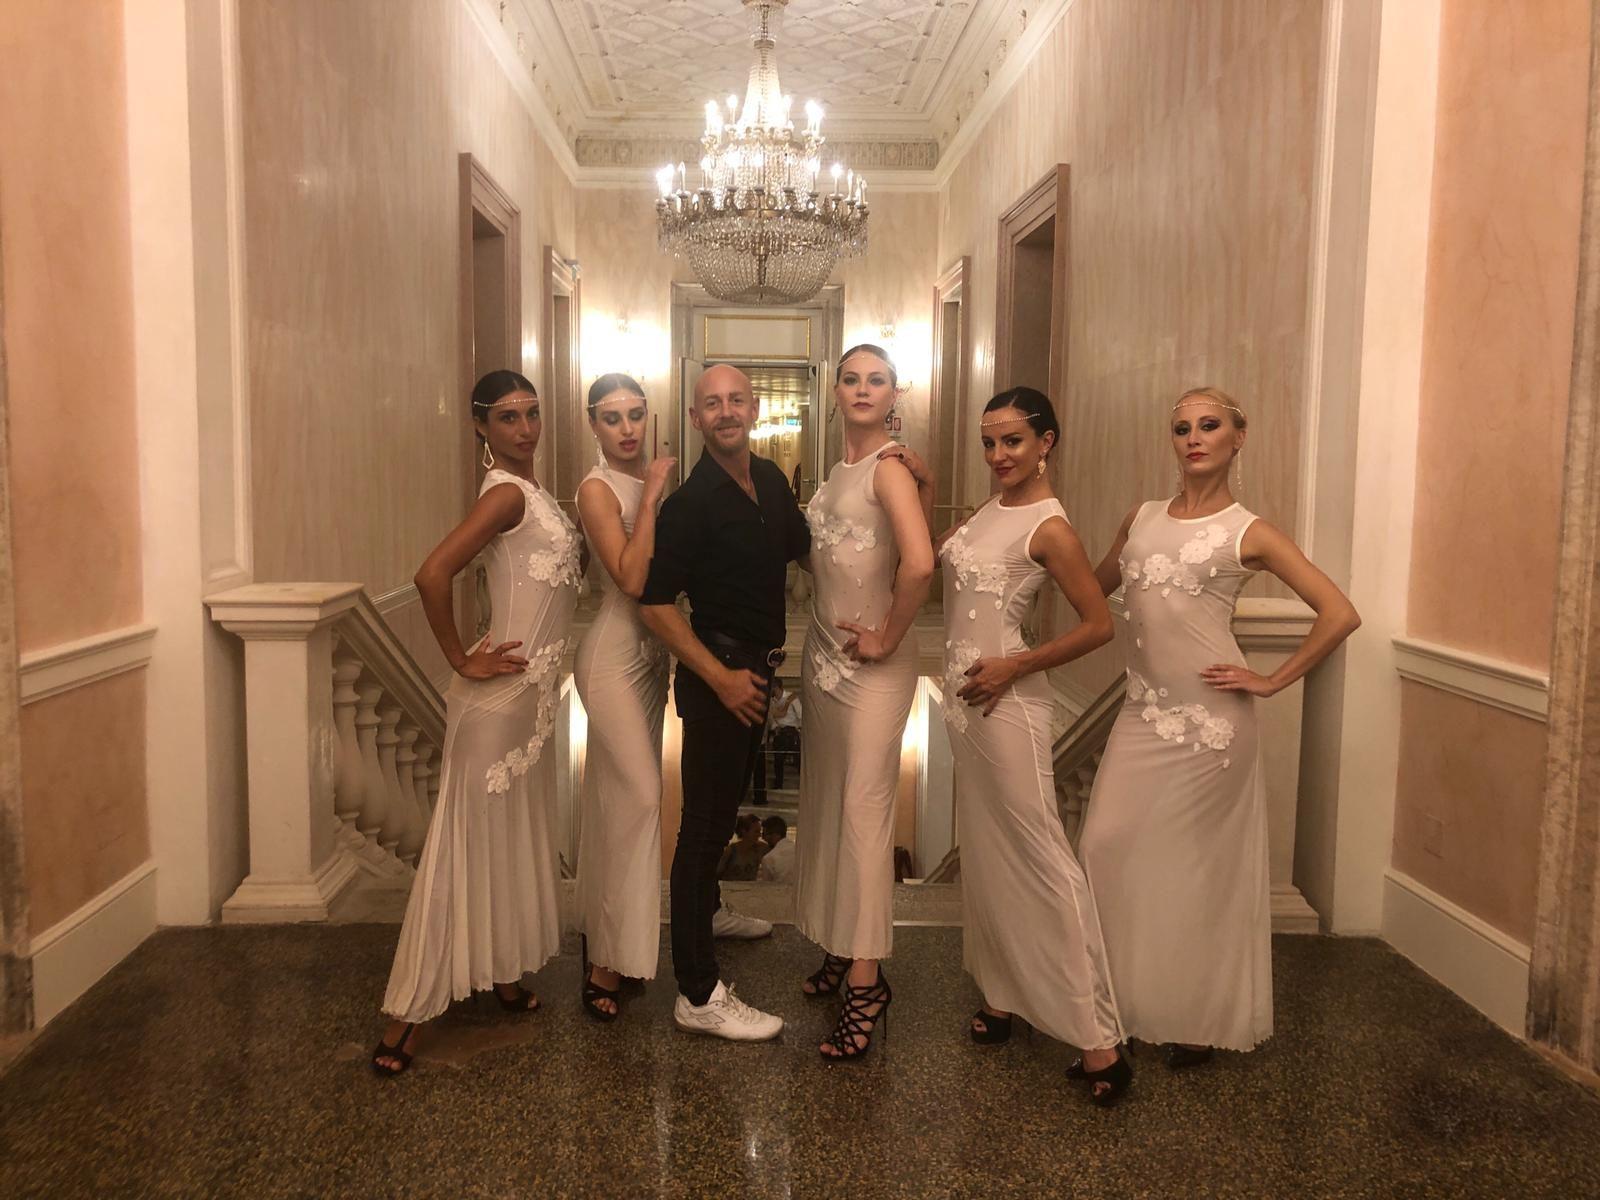 RIVAROLO - Il cuore del Canavese al «Premio Campiello» con il coreografo e ballerino Mirko Battuello